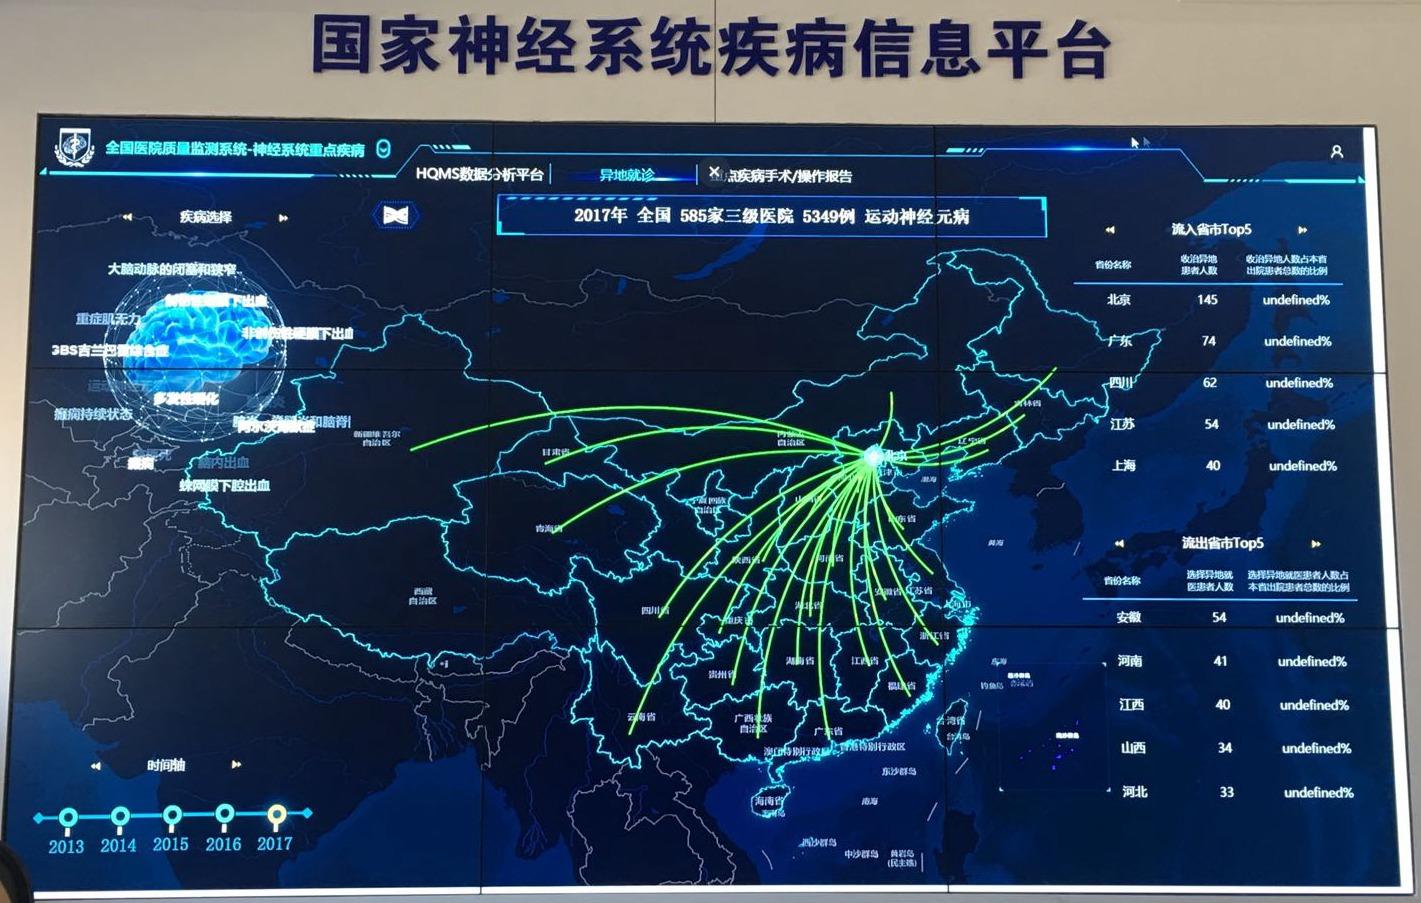 北京天坛医院副院长王拥军:人工智能辅助治疗让高质量的医疗普